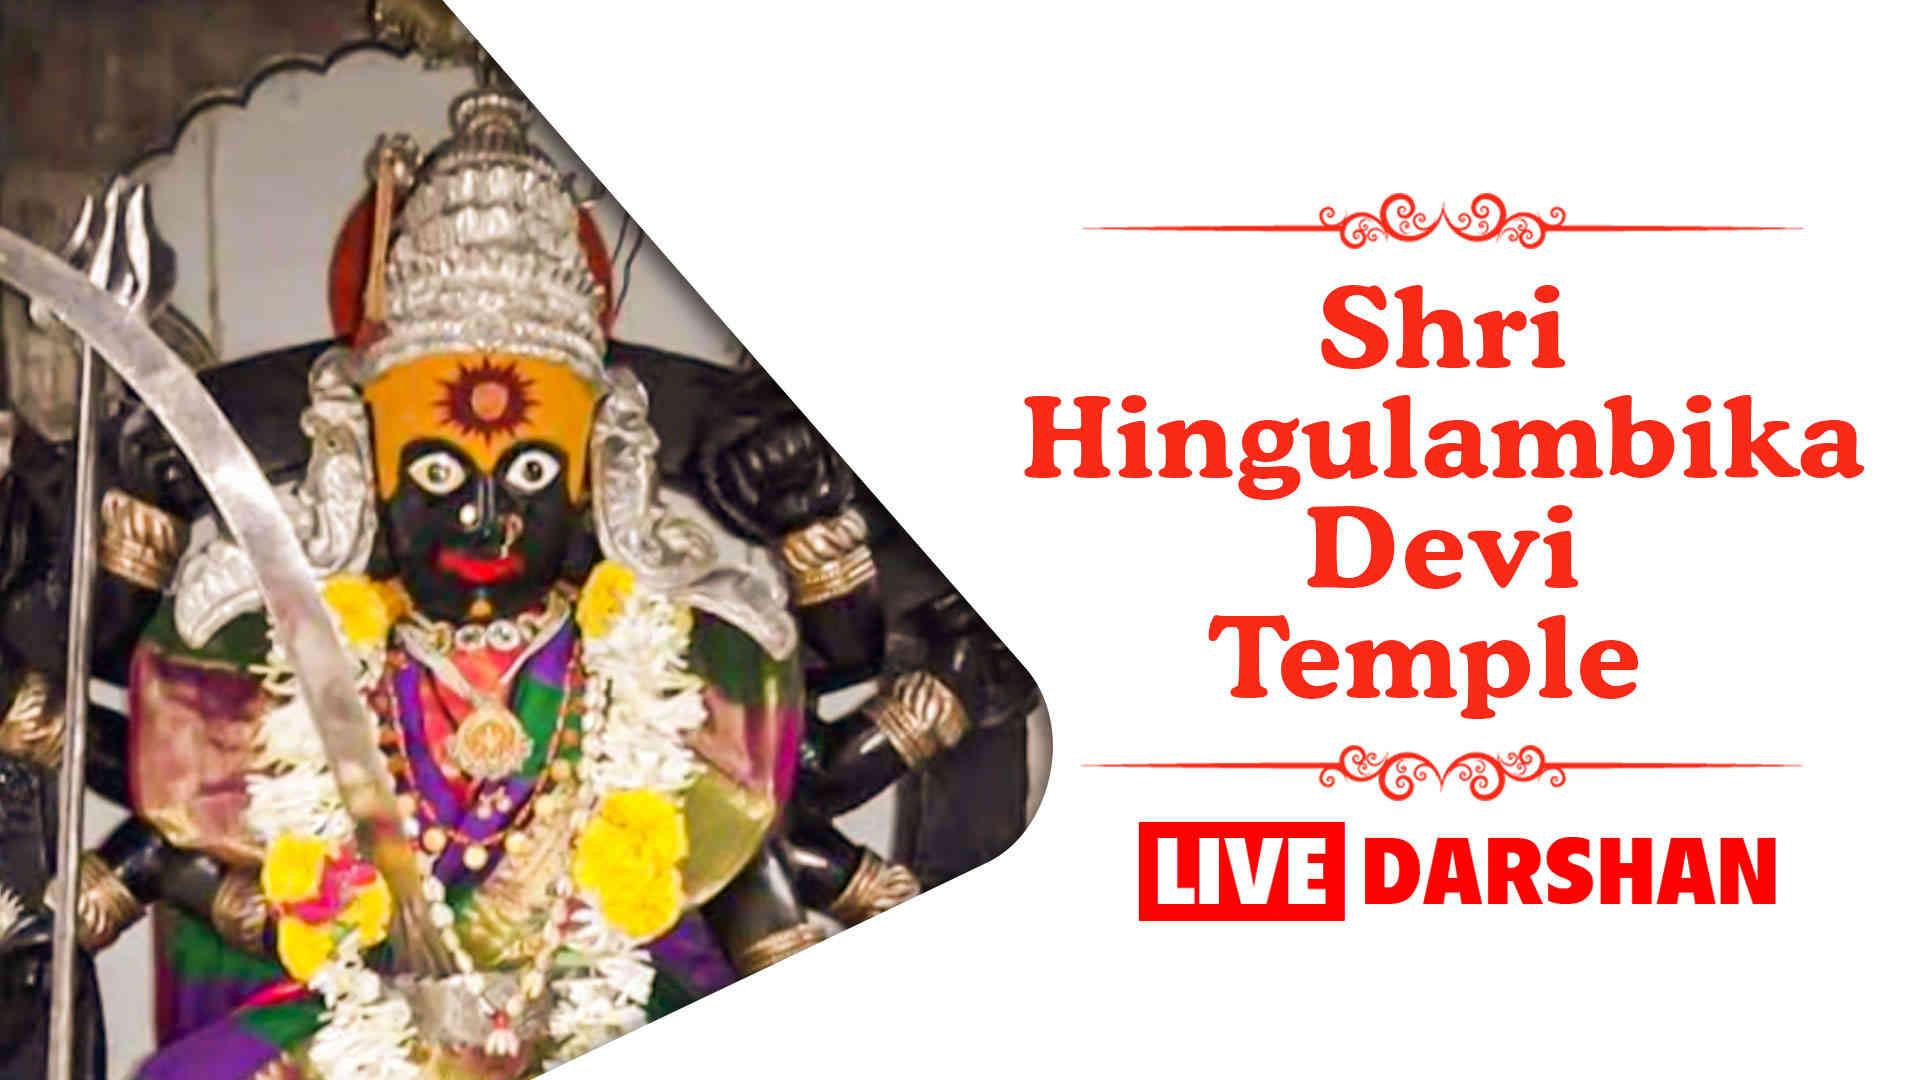 Shri Hingulambika Devi Temple, Solapur, Maharashtra